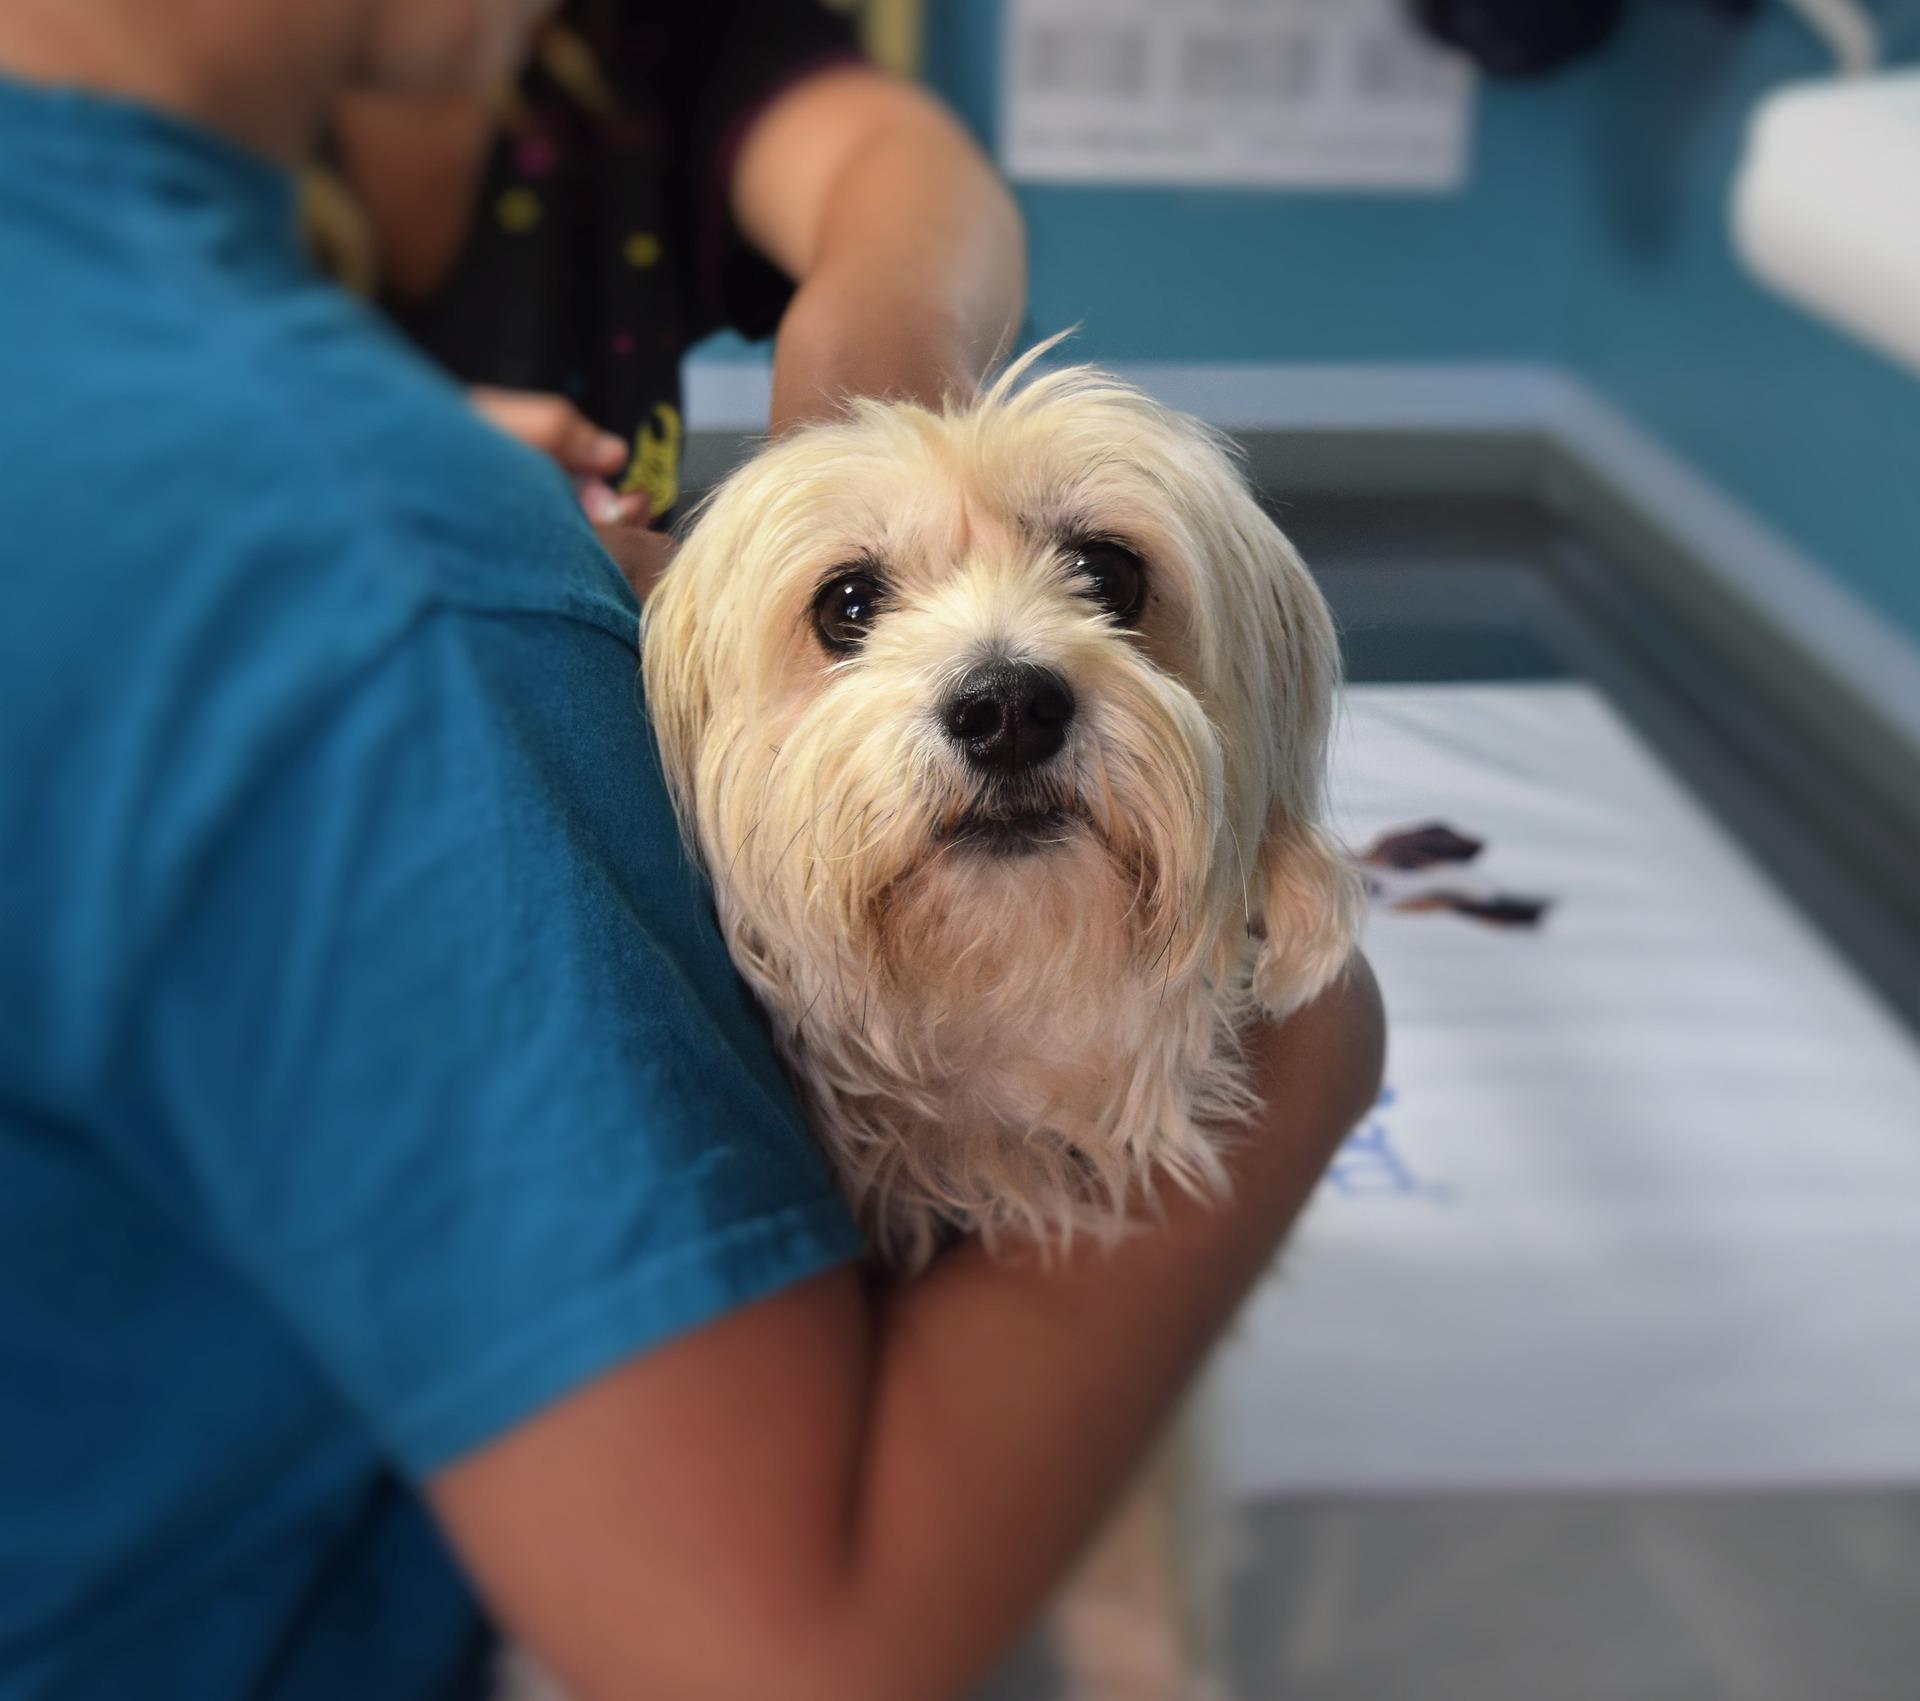 La vacunación es fundamental para mantener sana a tu mascota